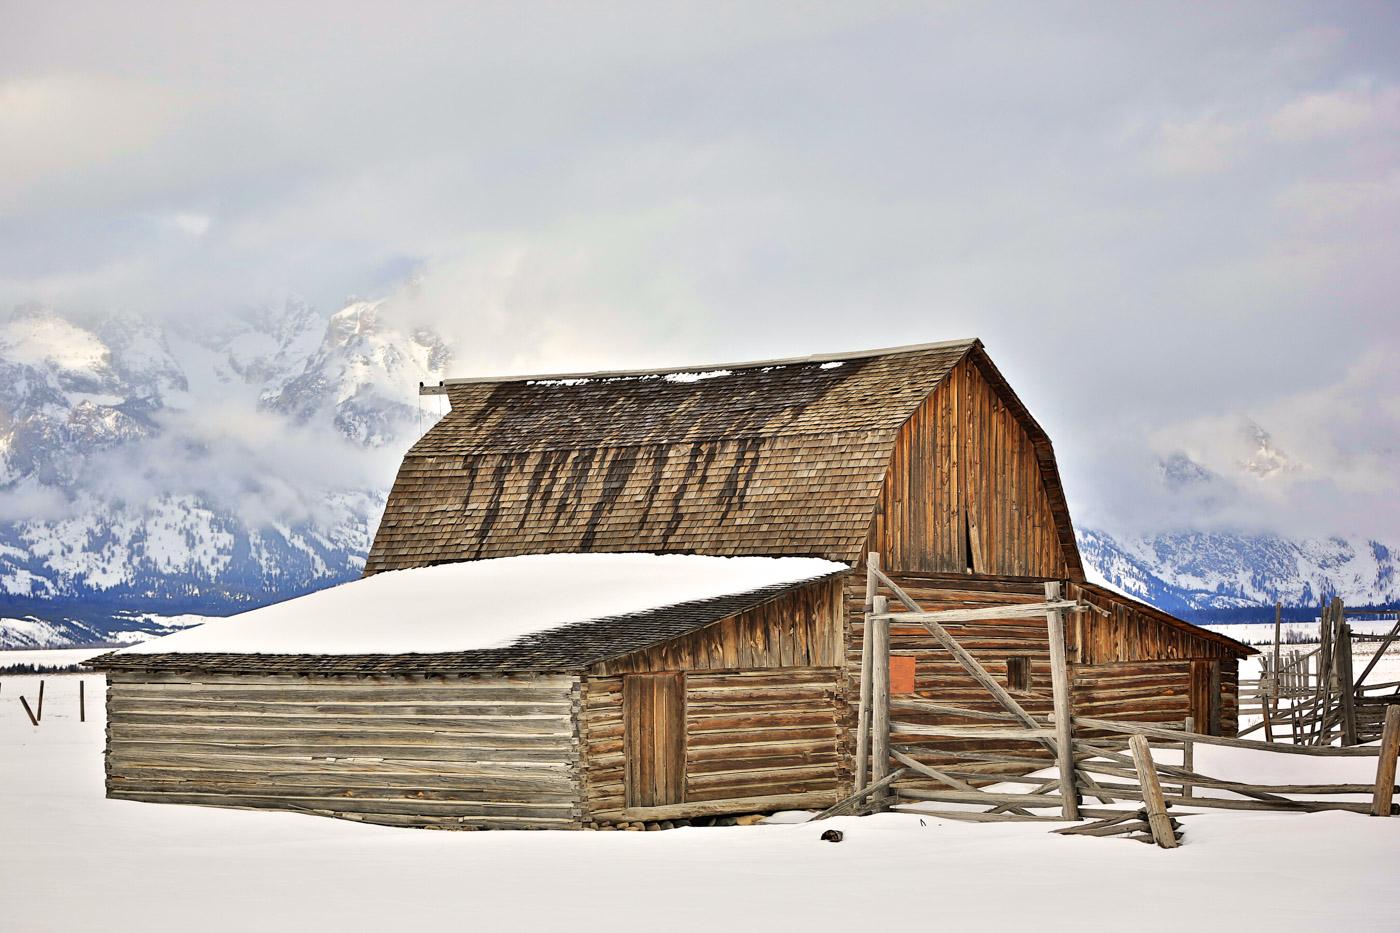 Mormon Row Barn Winter Photo